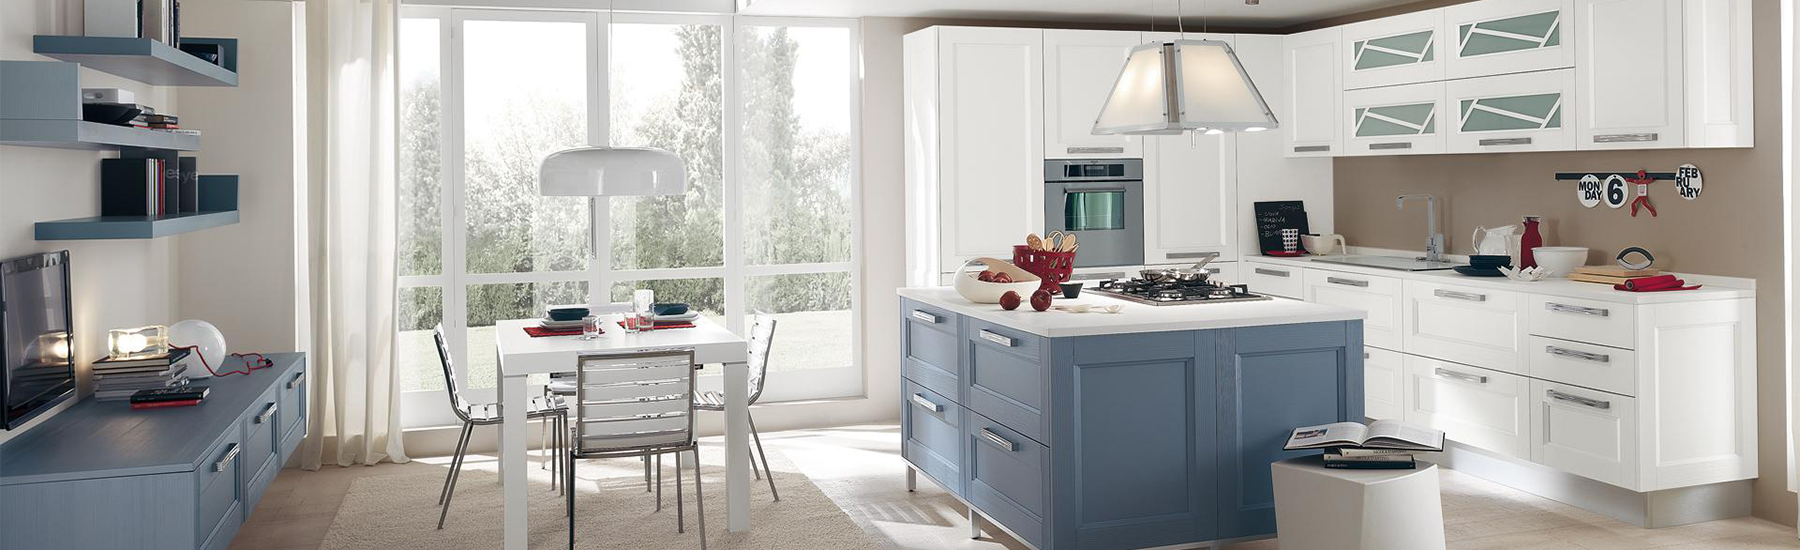 ambiente_cucina2